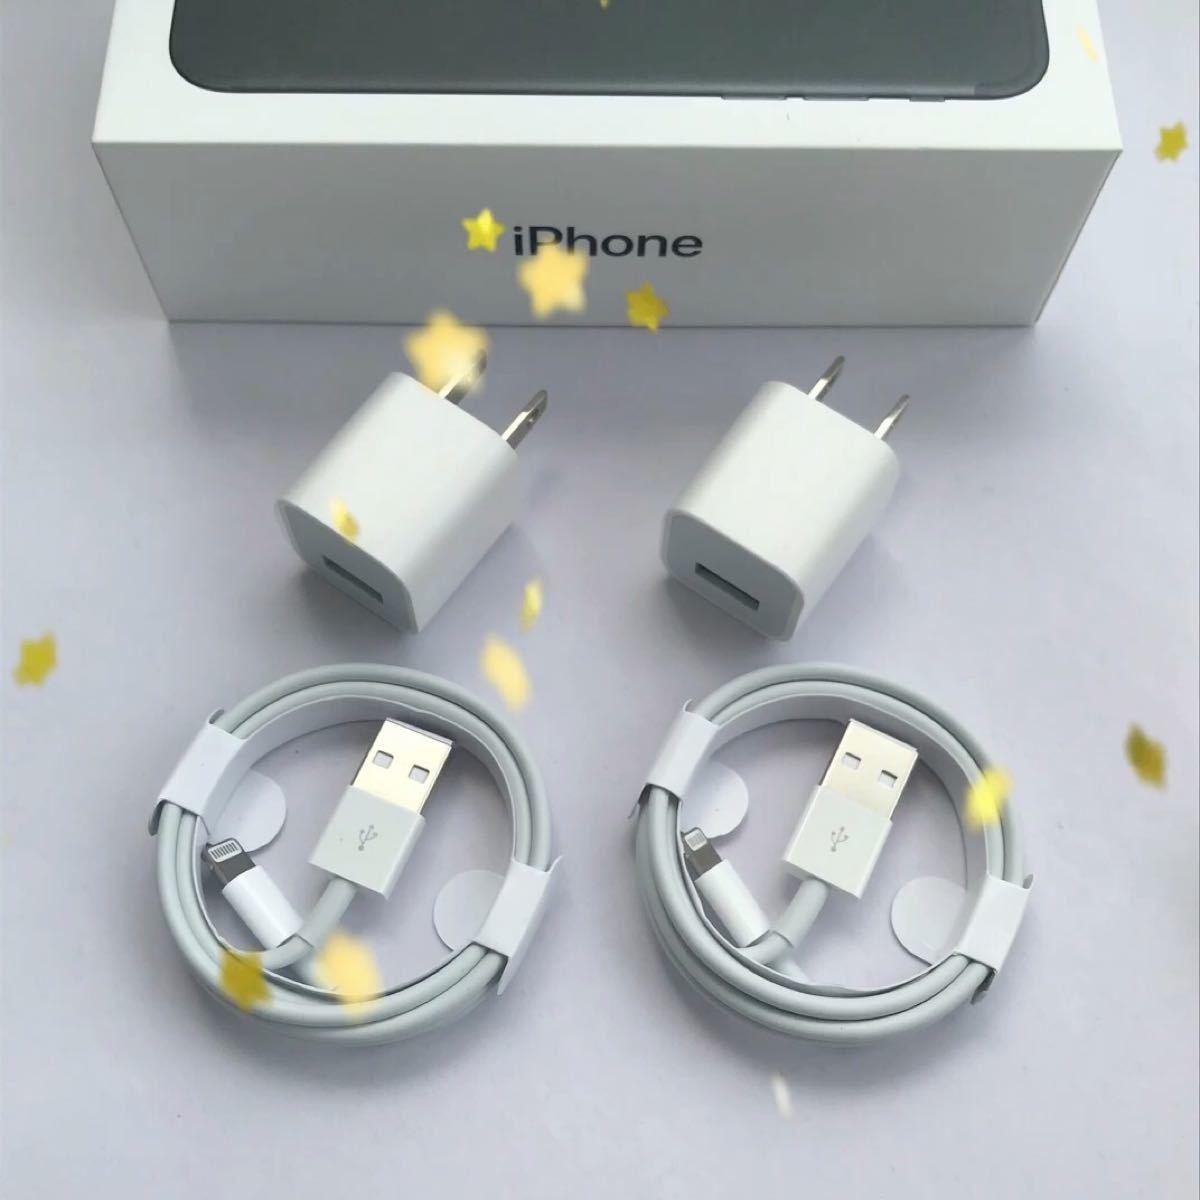 iPhone 充電器 充電ケーブル コード lightning cable ライトニングケーブル 4点セット